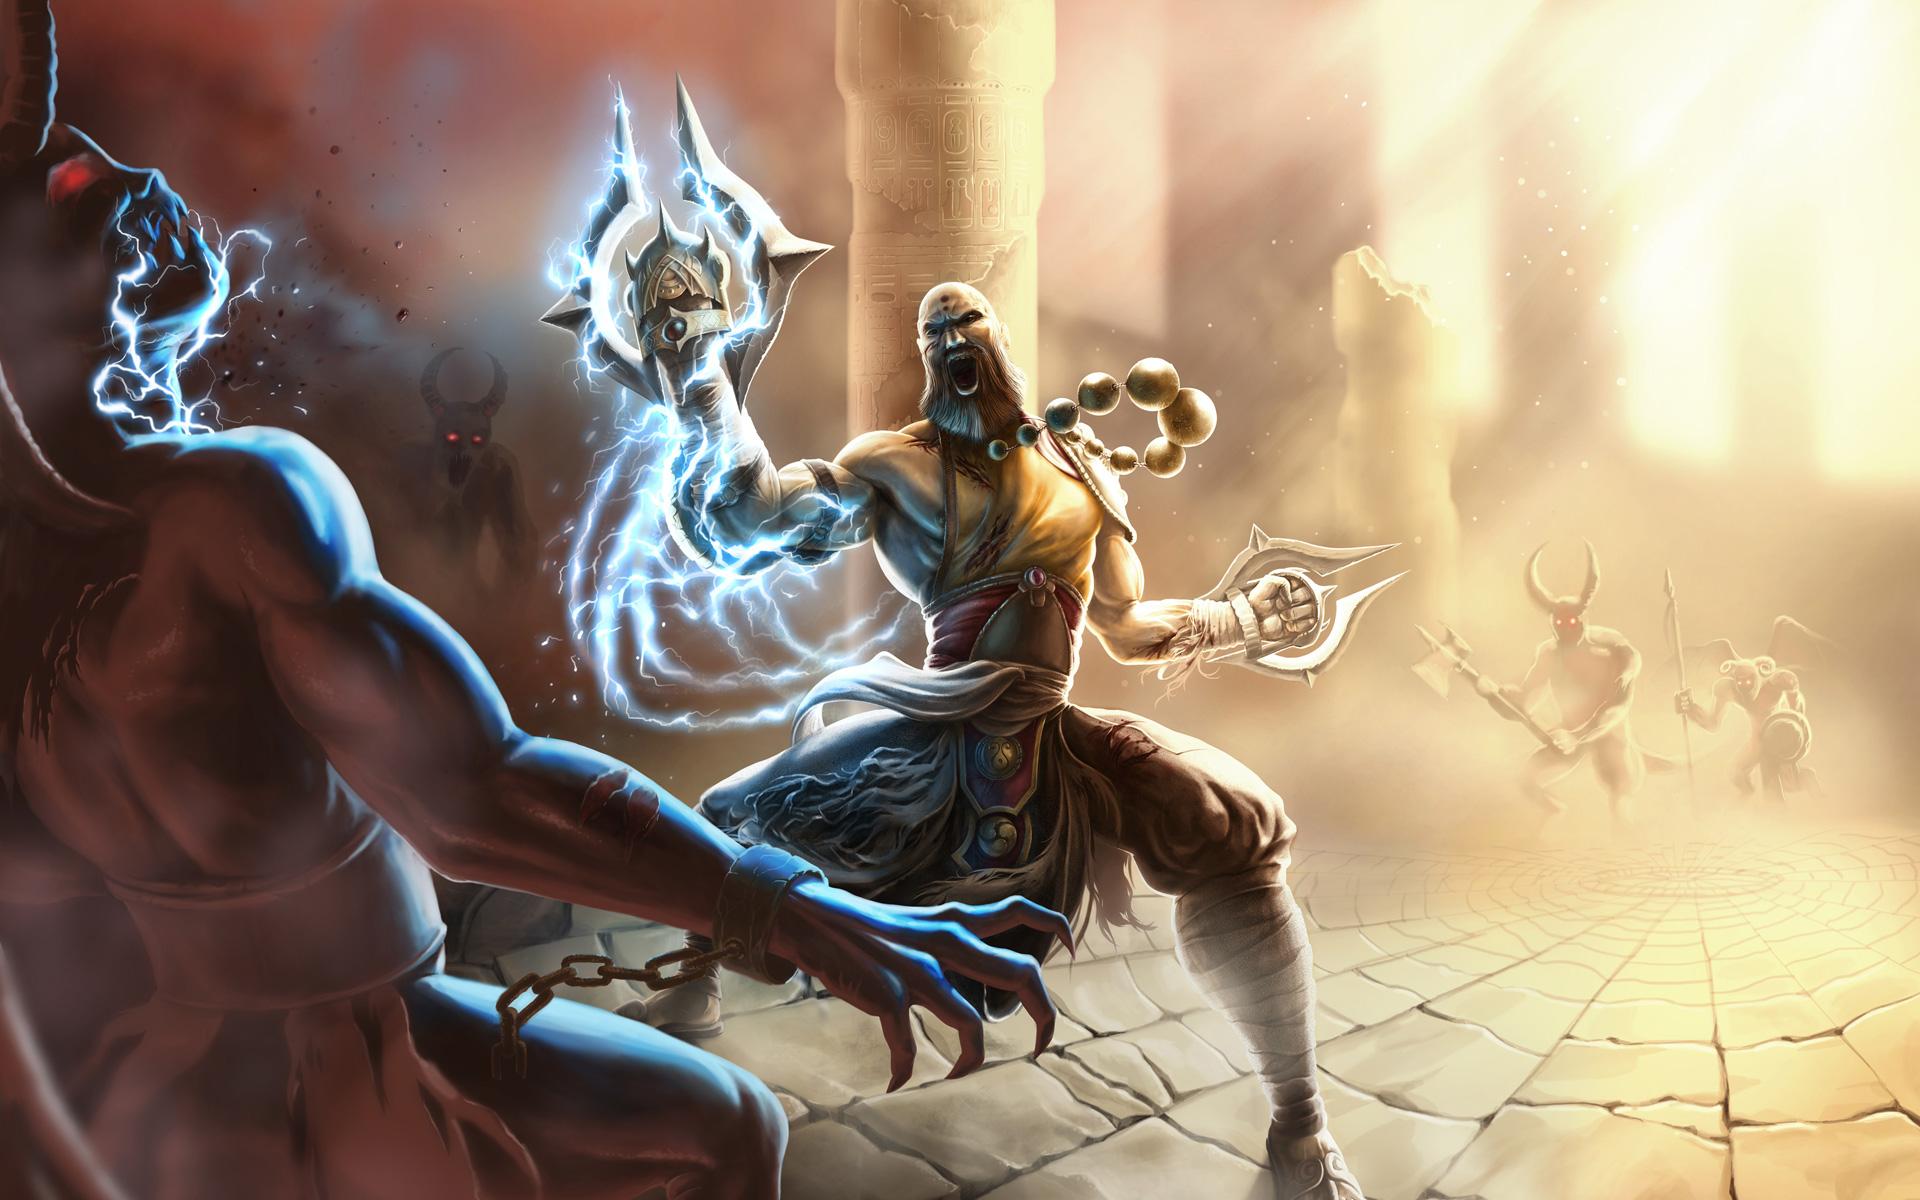 Free Diablo III Wallpaper in 1920x1200